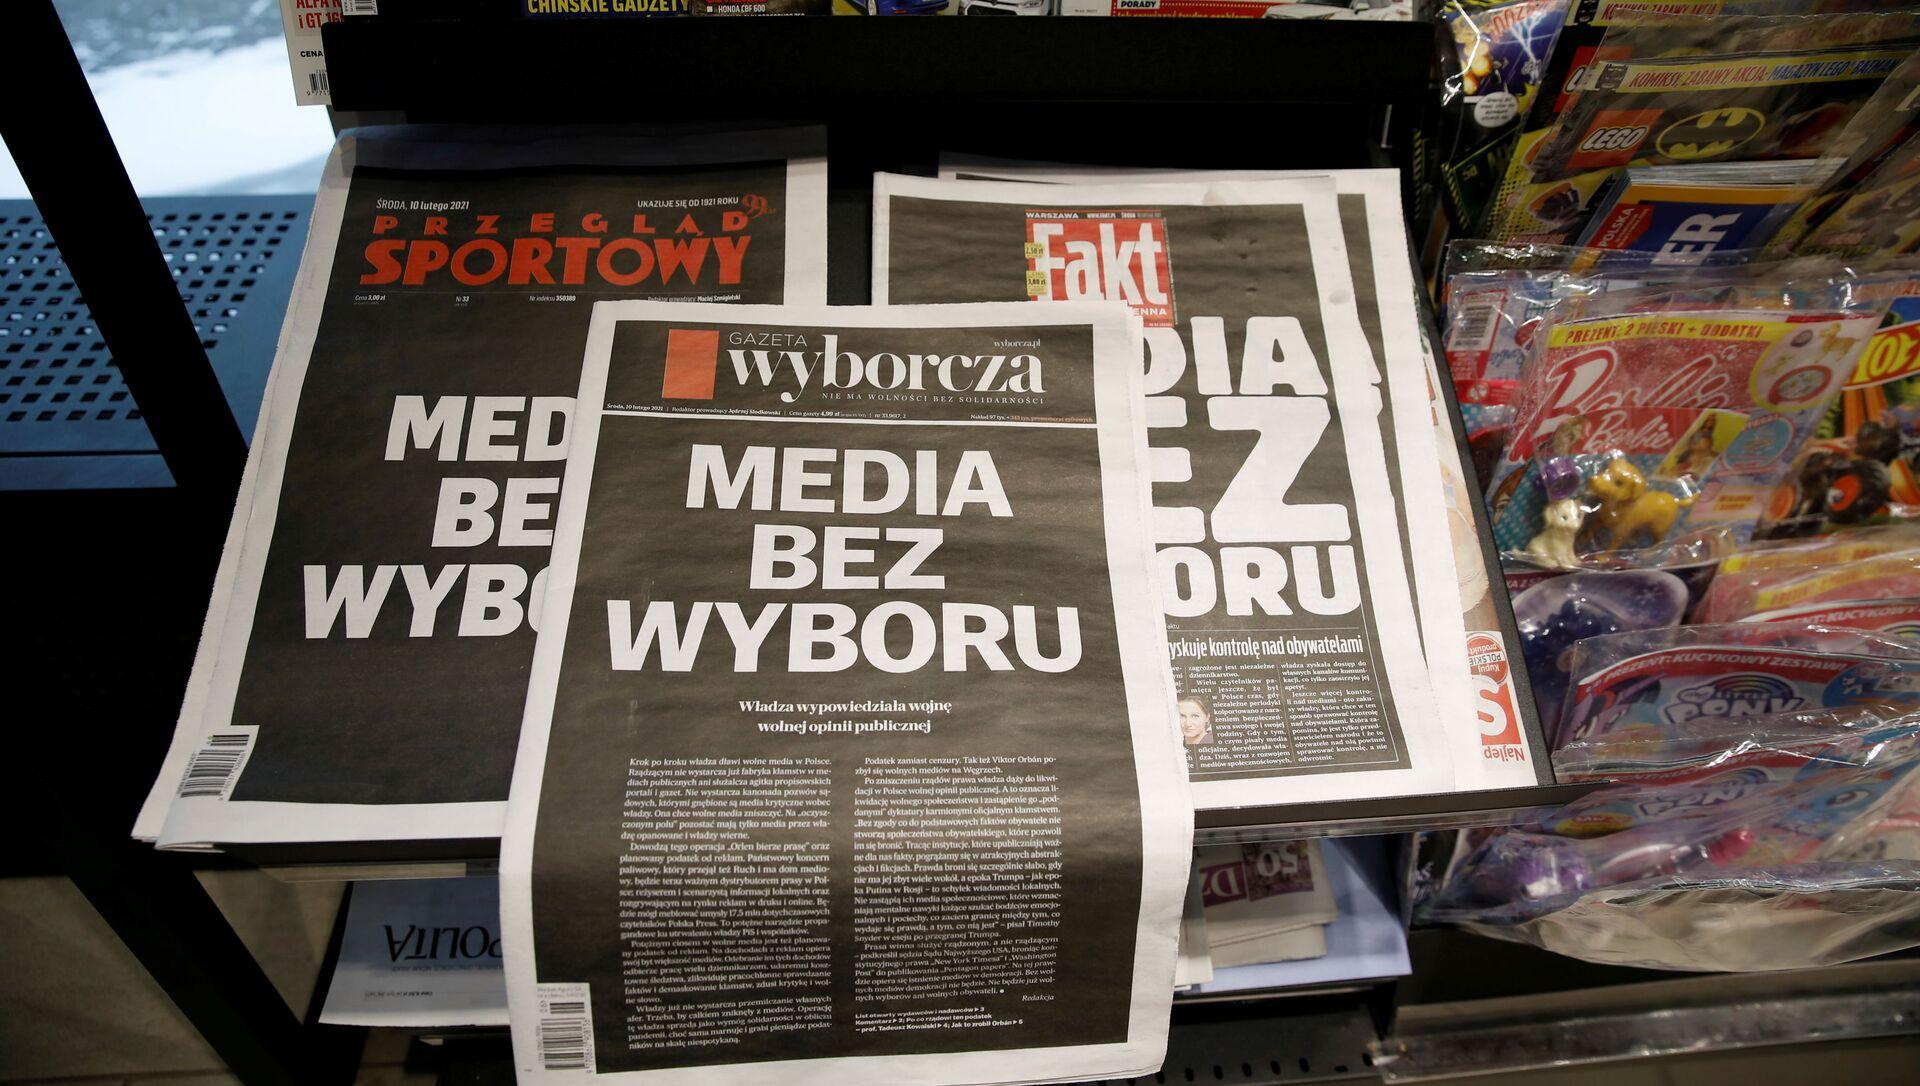 Media bez wyboru - Sputnik Polska, 1920, 19.02.2021